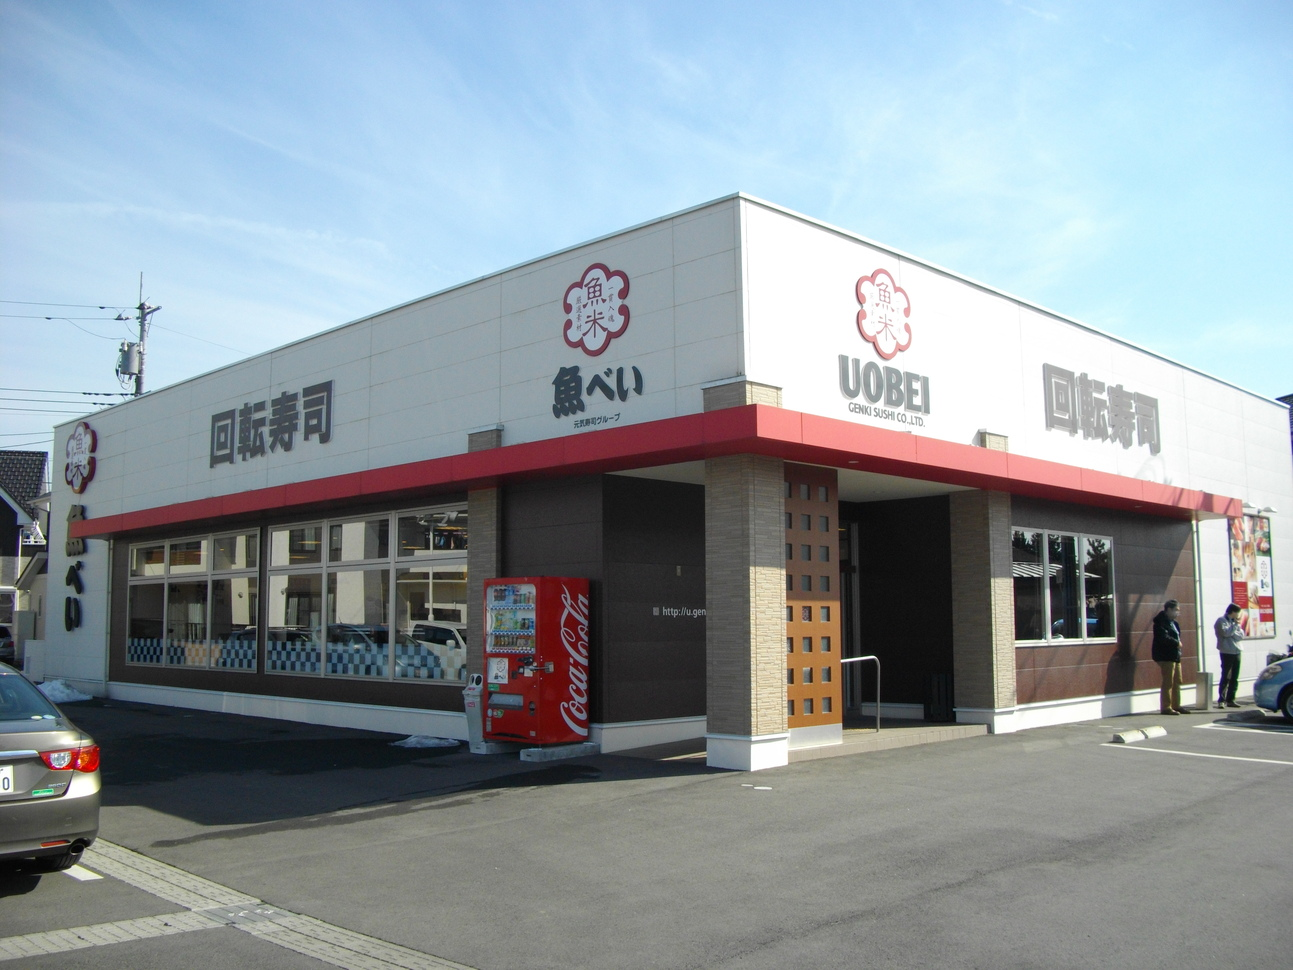 魚べい 鹿沼府所町店 name=